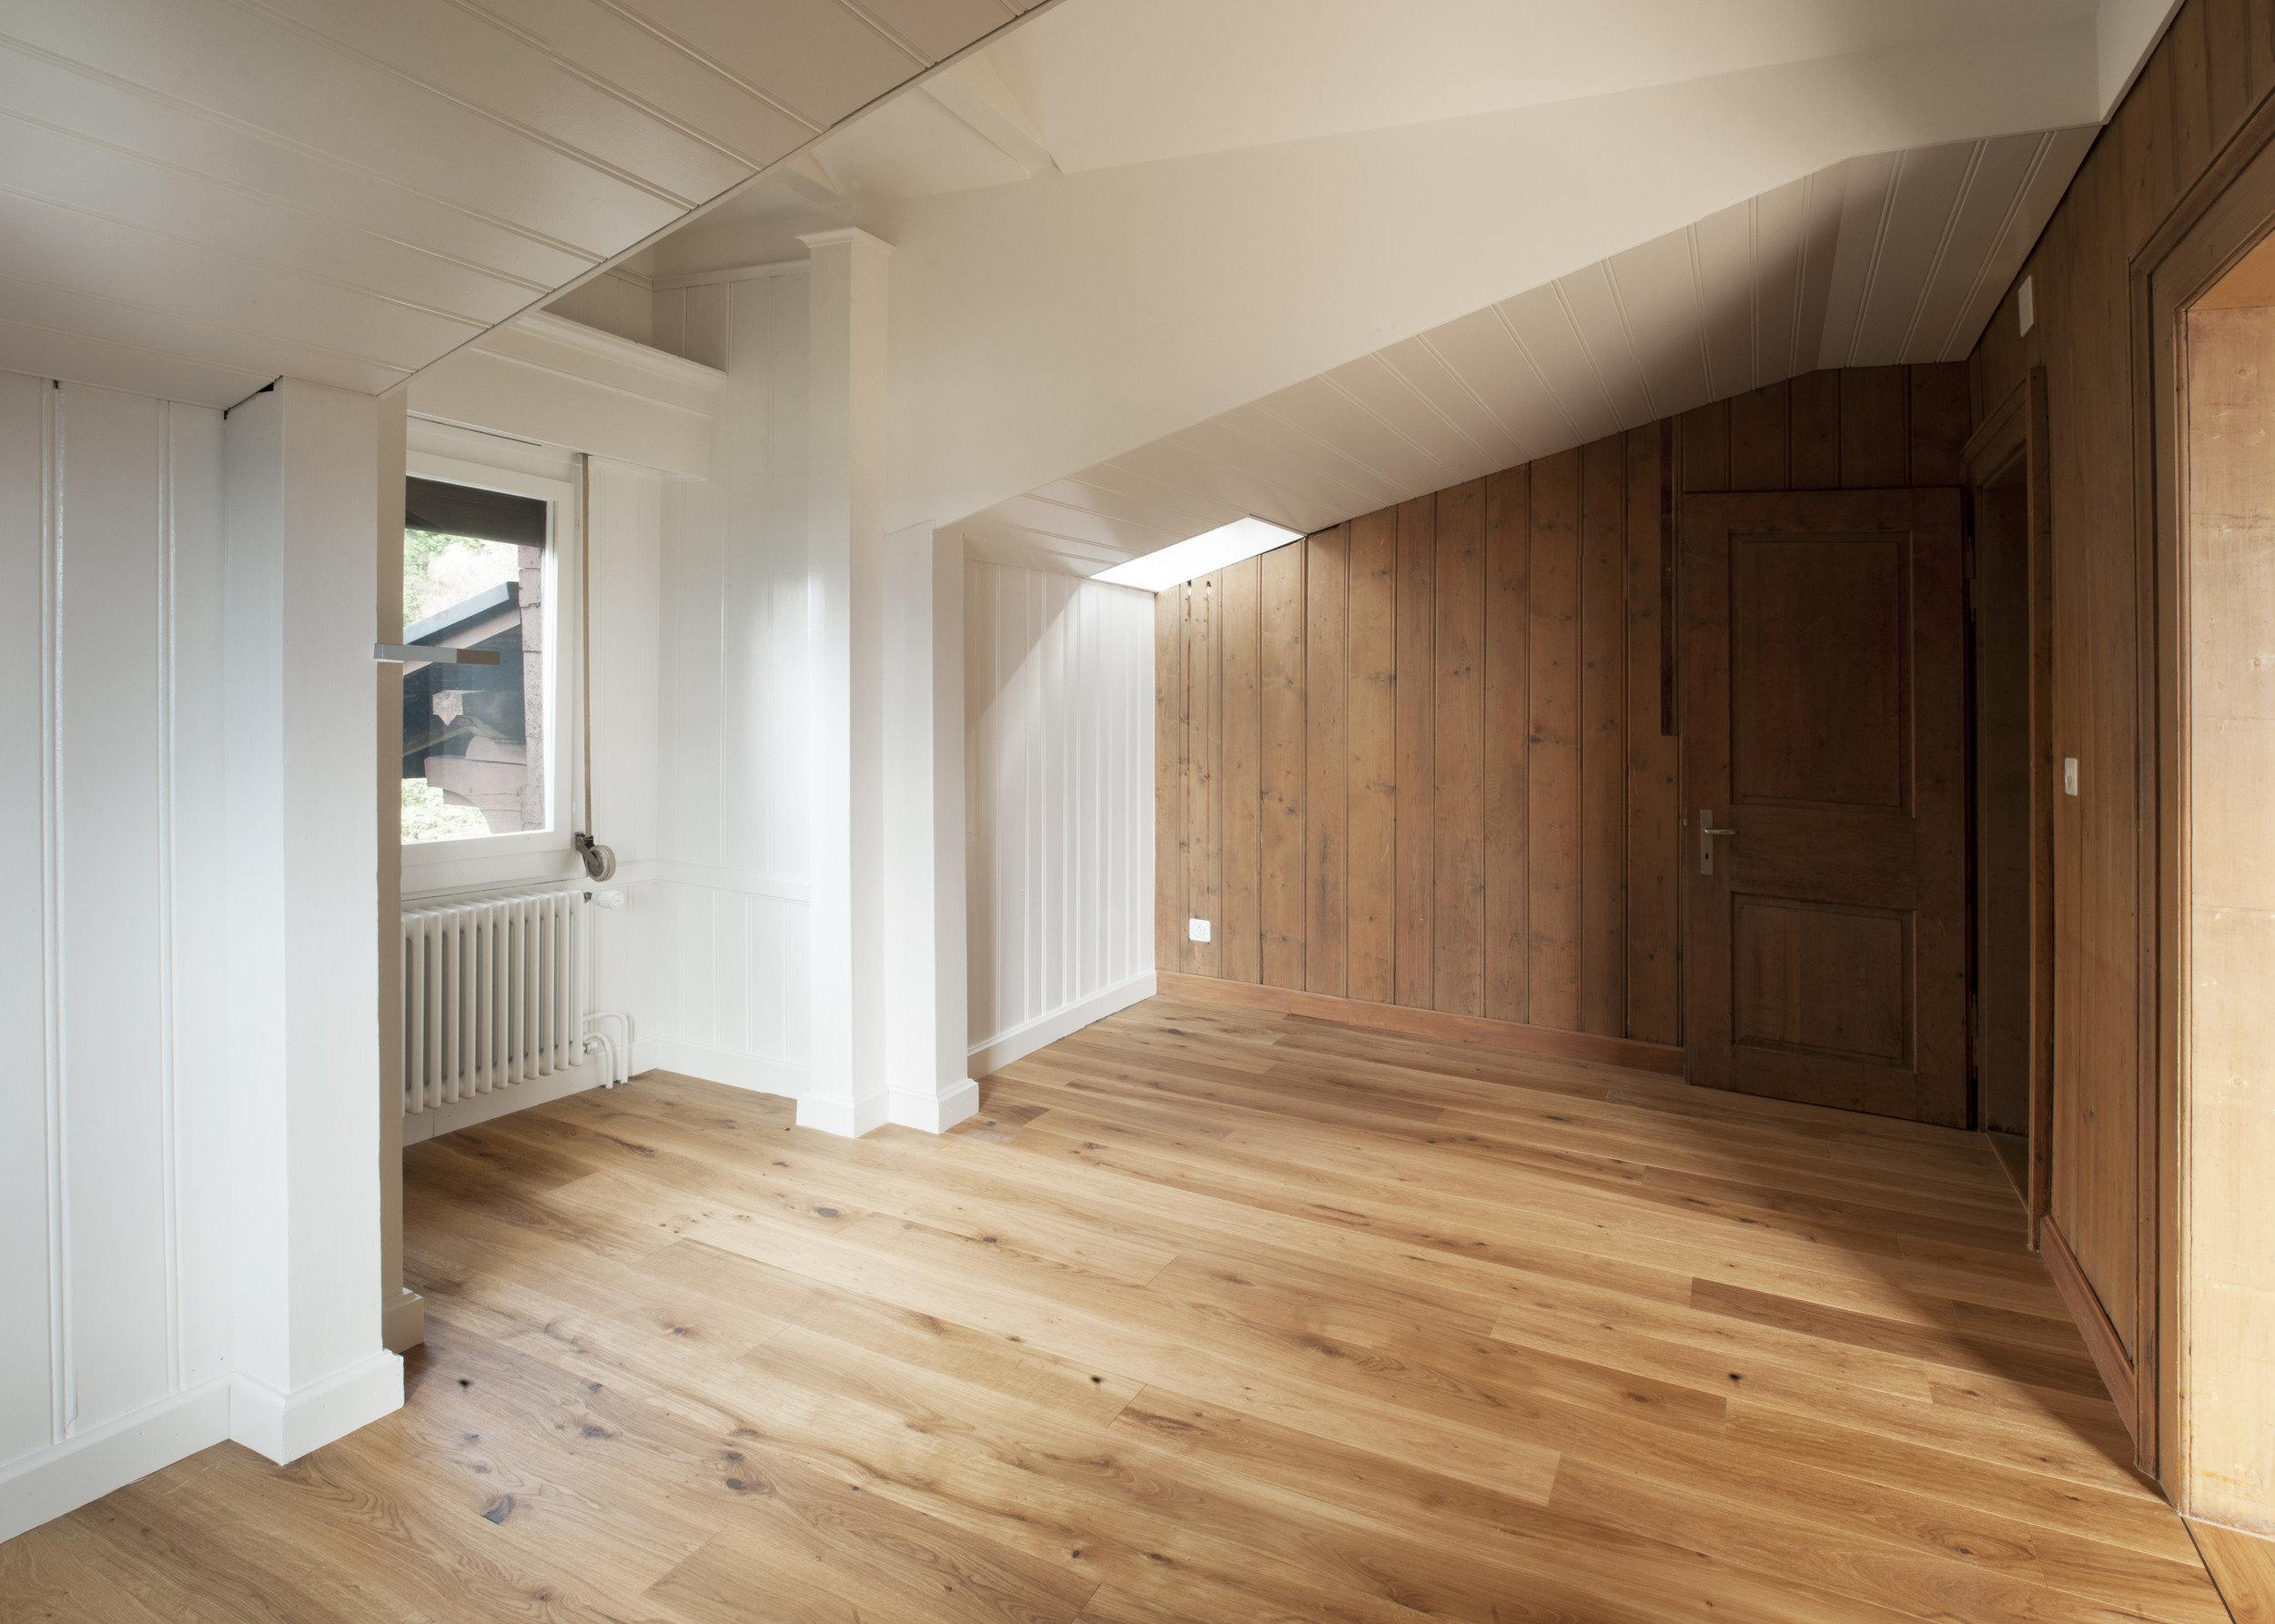 Wohnraum mit Wänden und Dachschräge aus Holzdielen in weiss